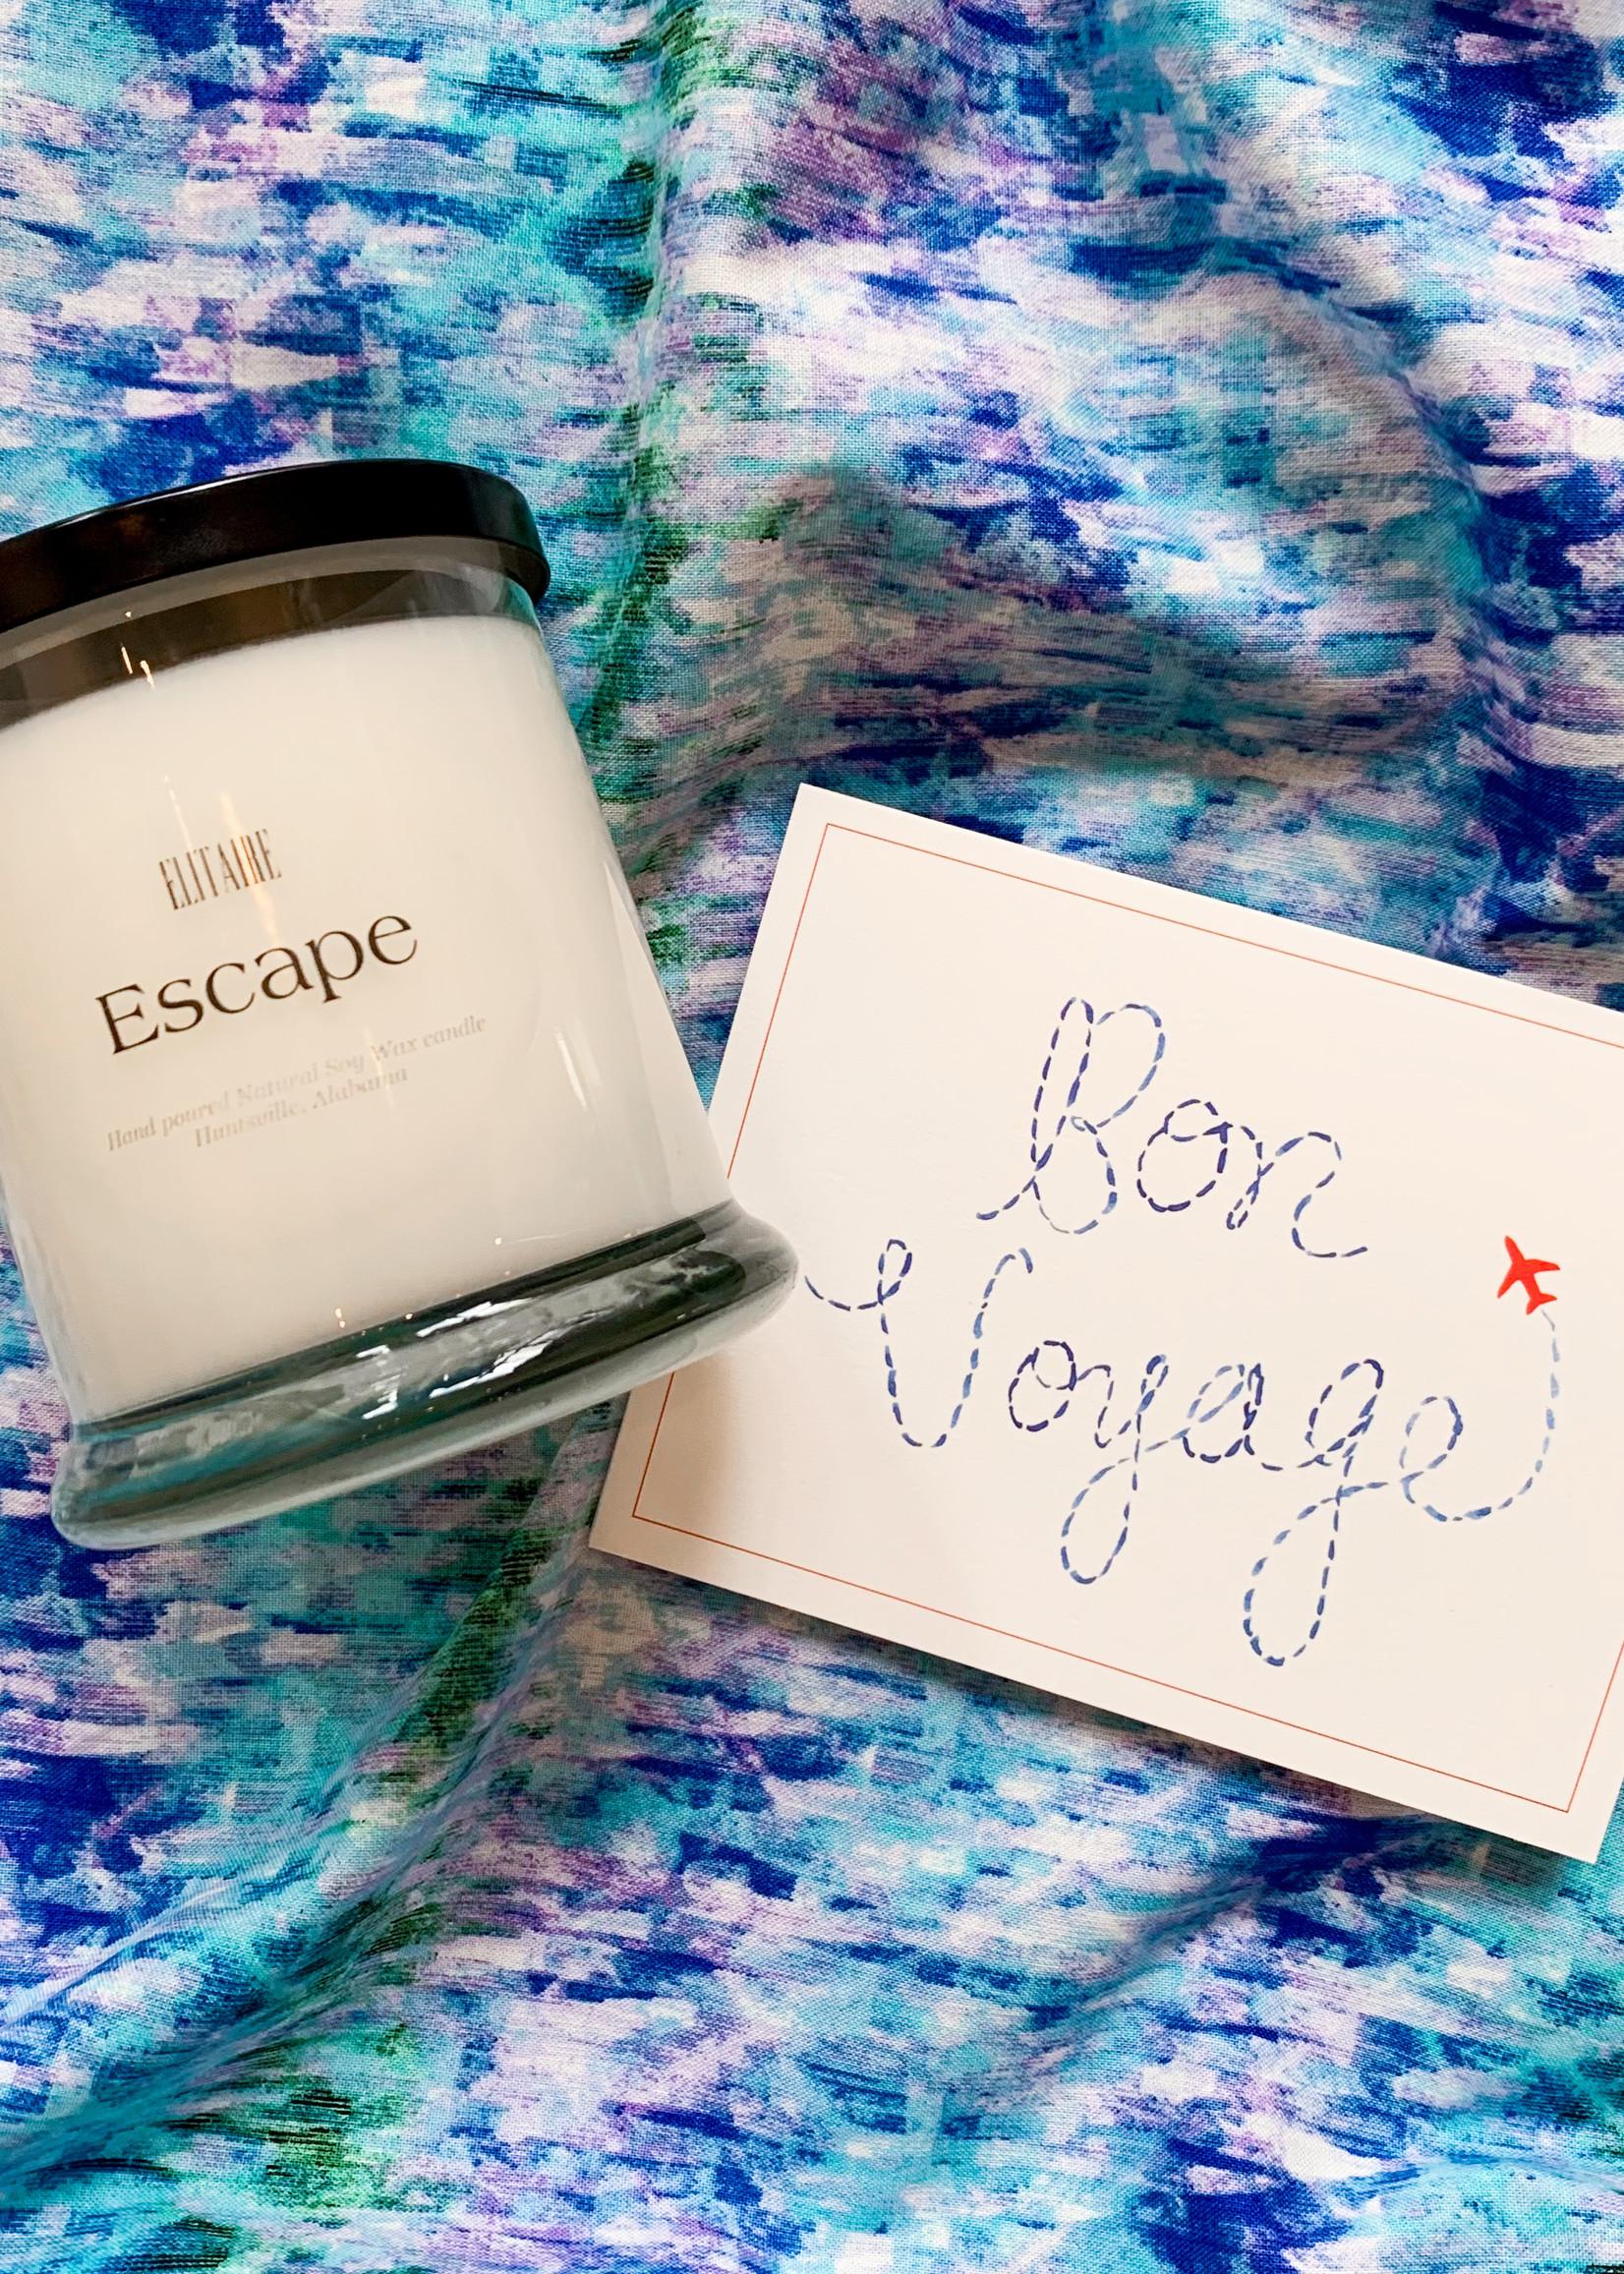 Elitaire Boutique Escape - Bon Voyage Candle Collection